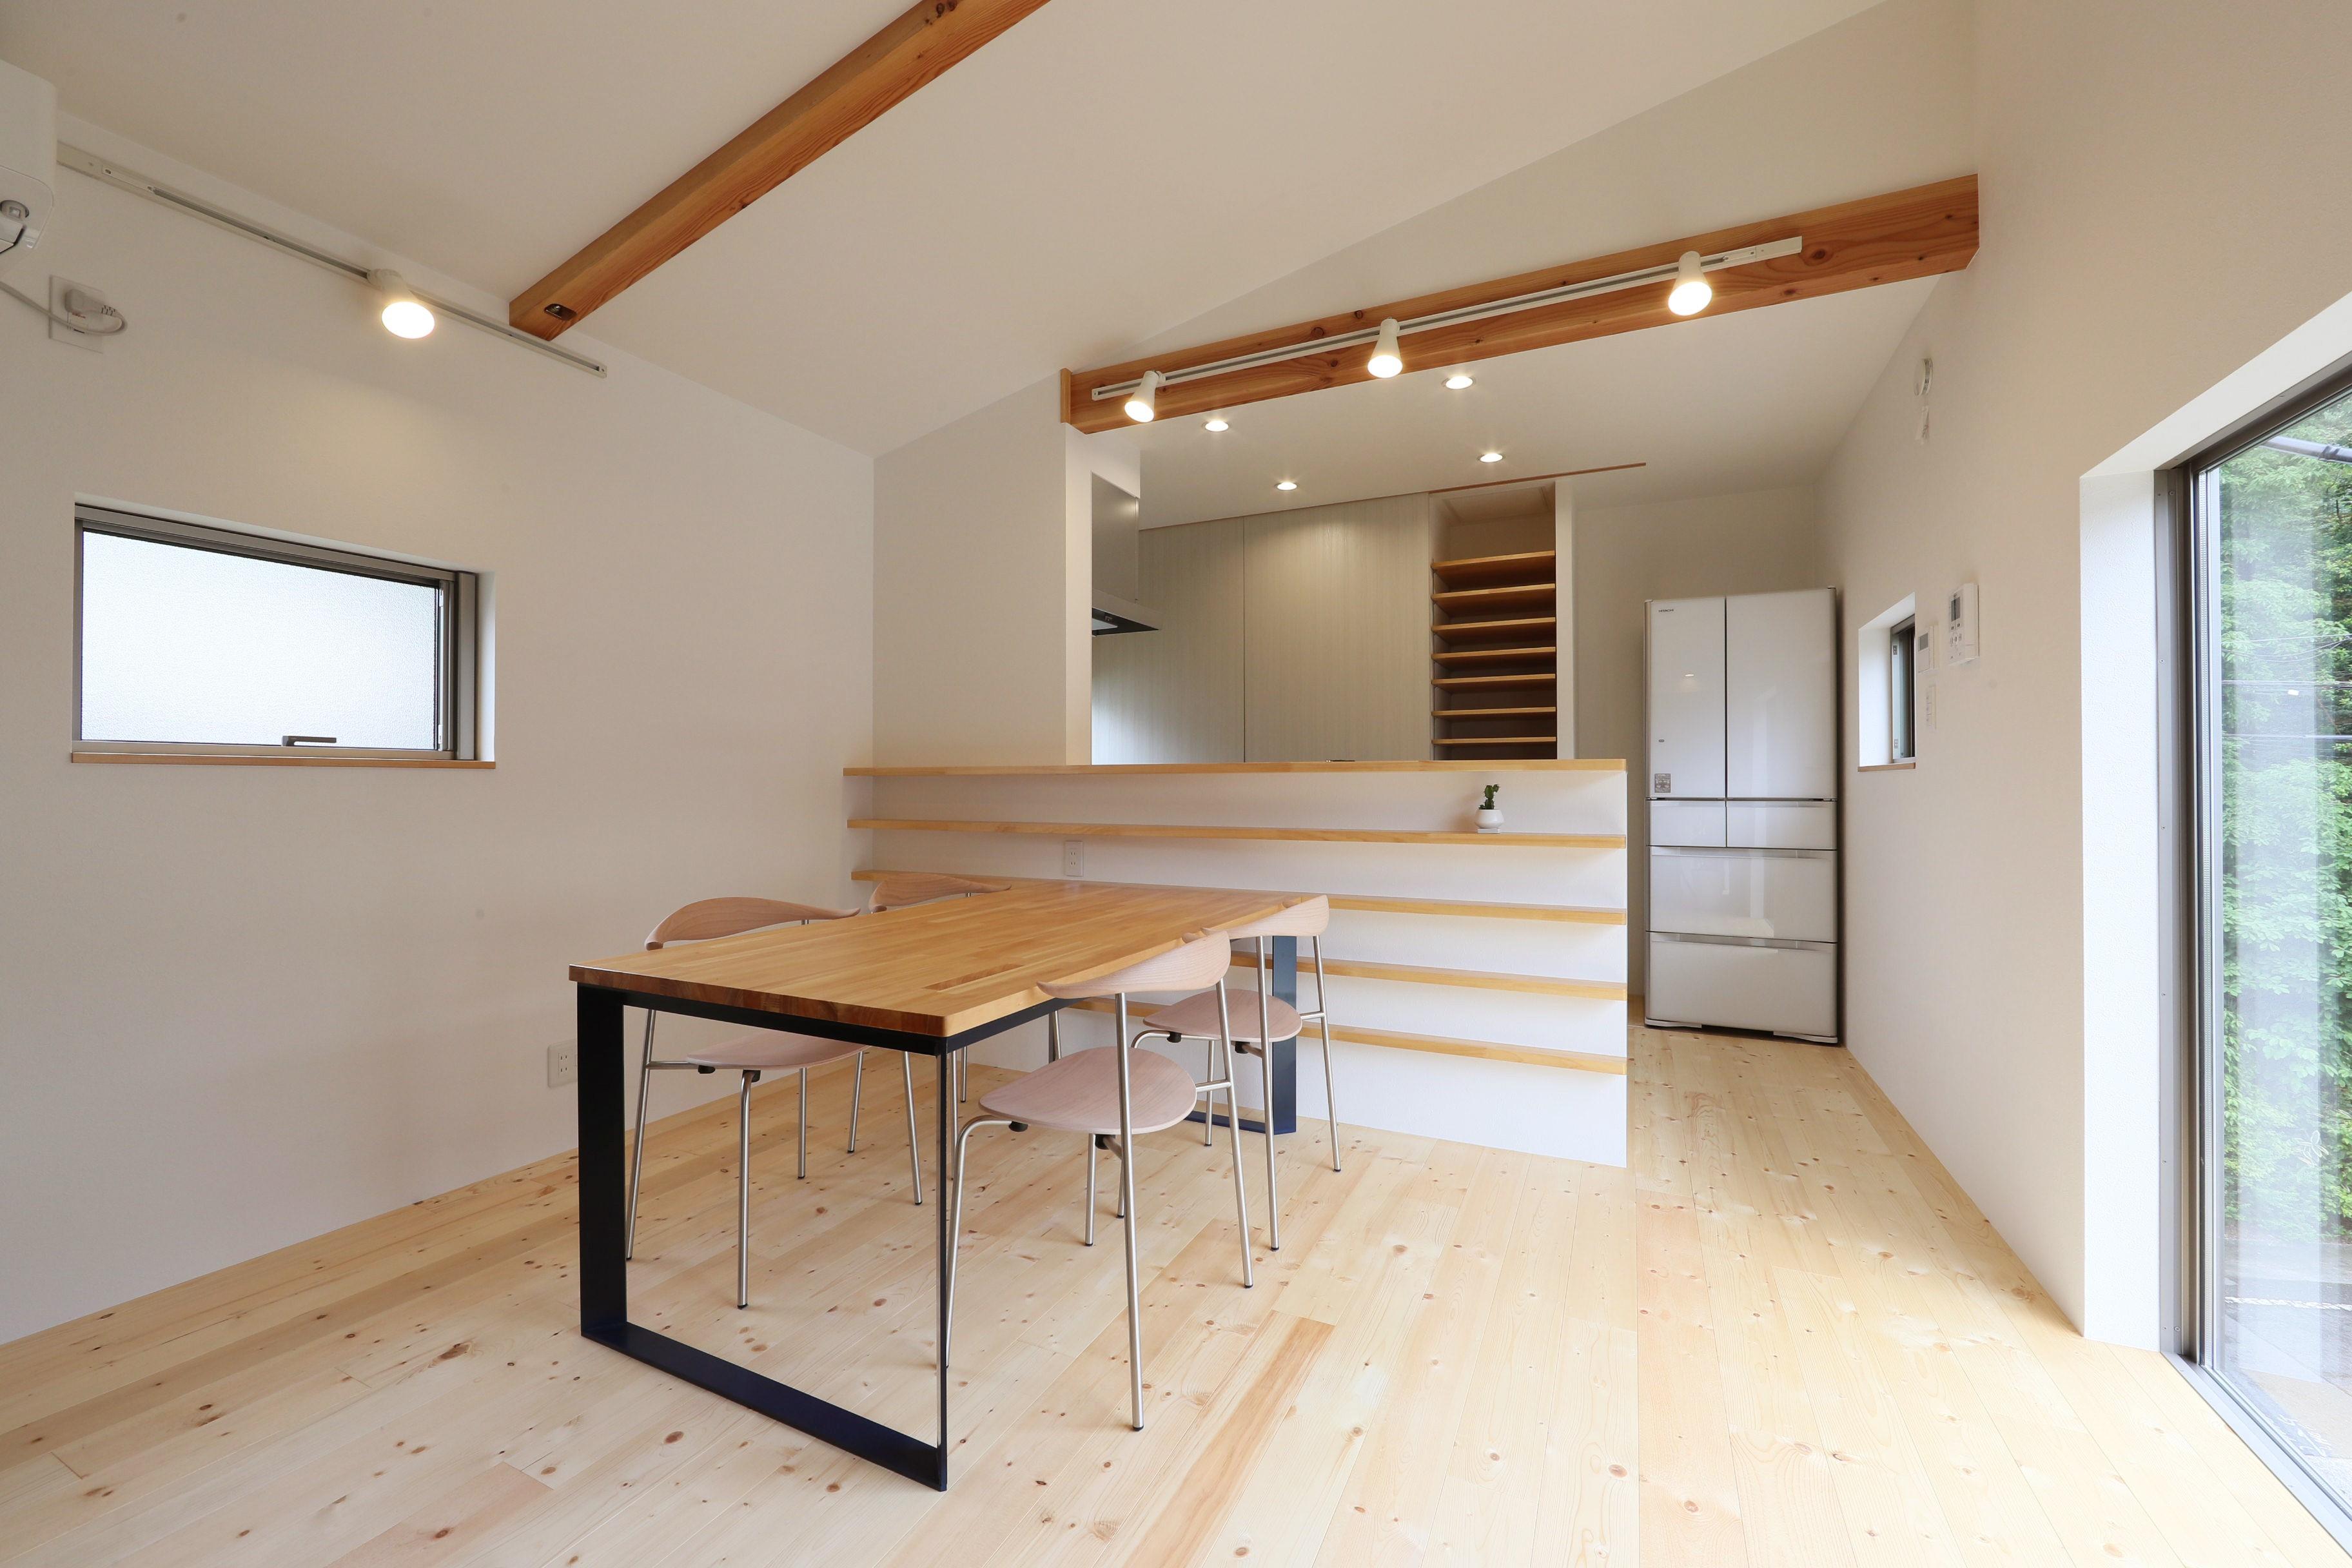 リビングダイニング事例:ダイニング/キッチン(デザイナーズチェアが映えるシンプルに魅せる家)